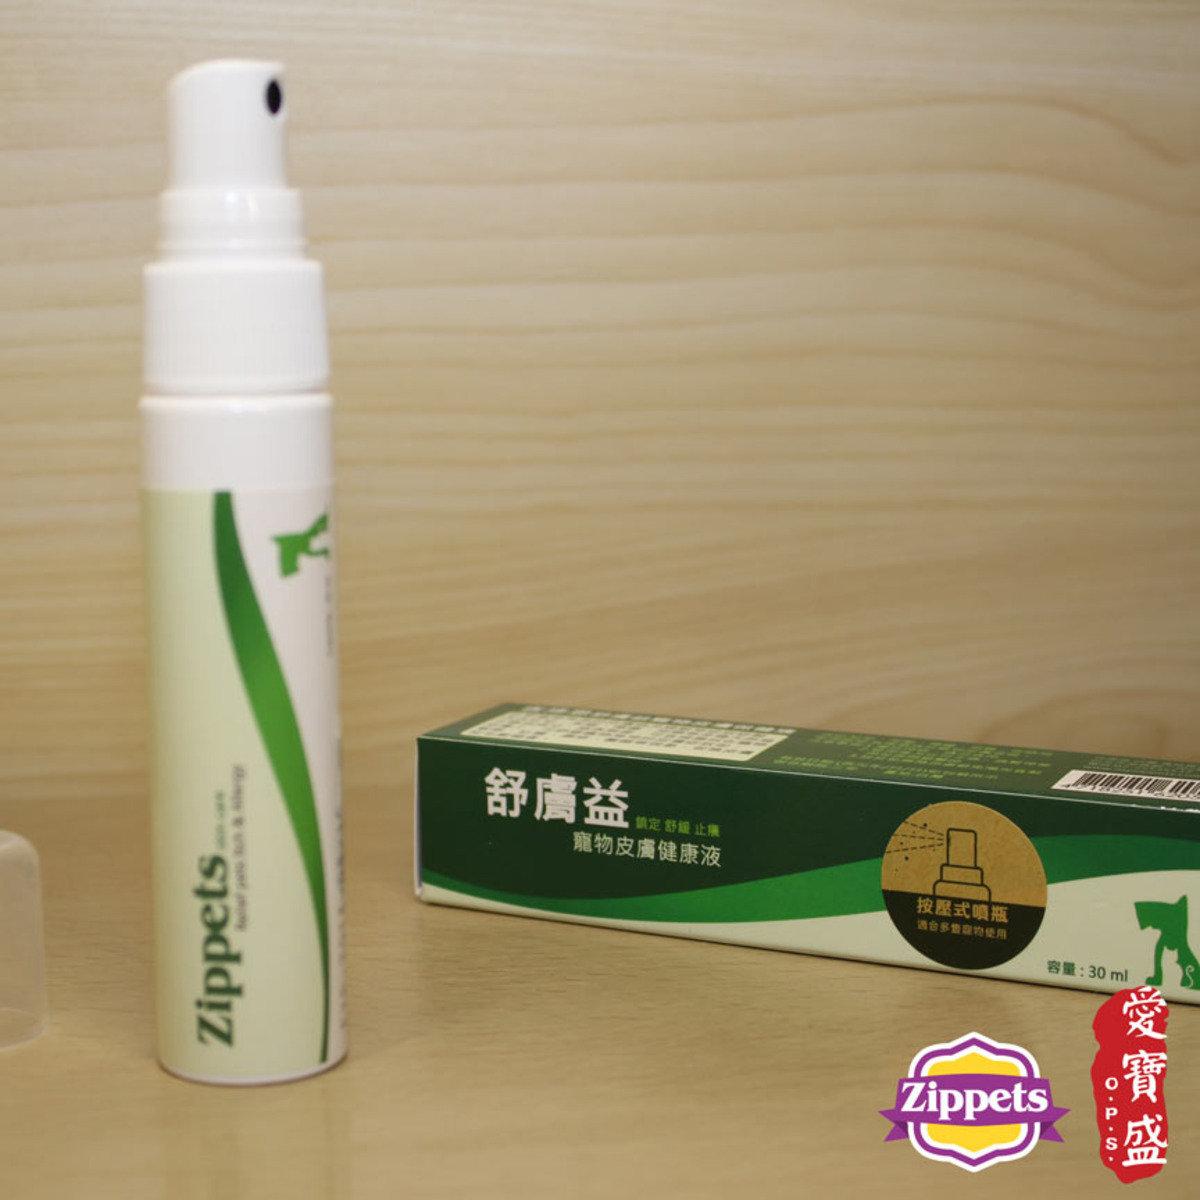 舒膚益寵物皮膚保健液 (按壓式噴瓶)